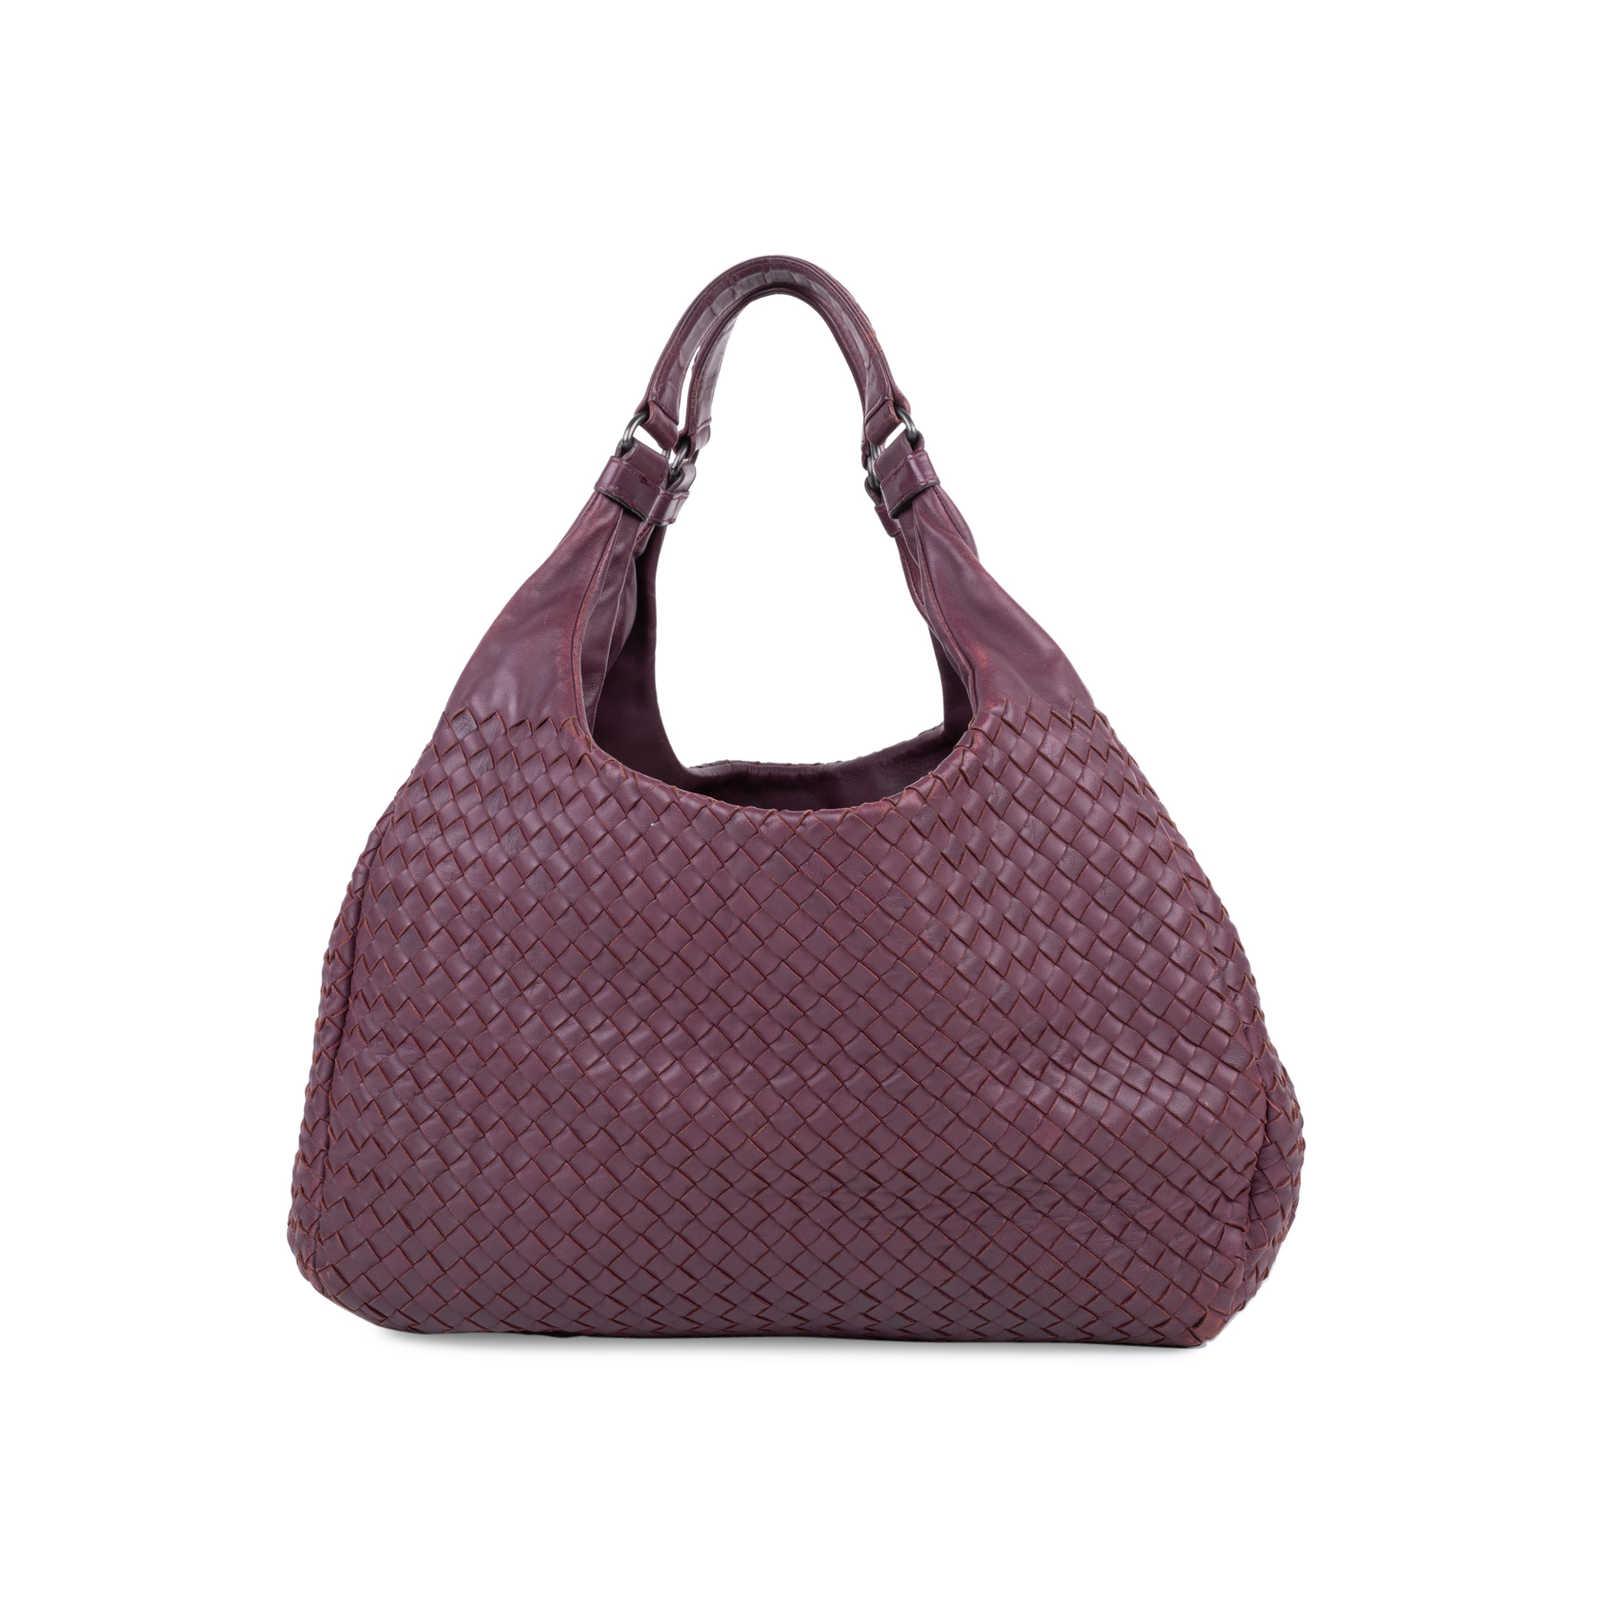 889bcafbcd1f Authentic Second Hand Bottega Veneta Intrecciato Campana Shoulder Bag  (PSS-588-00008) ...